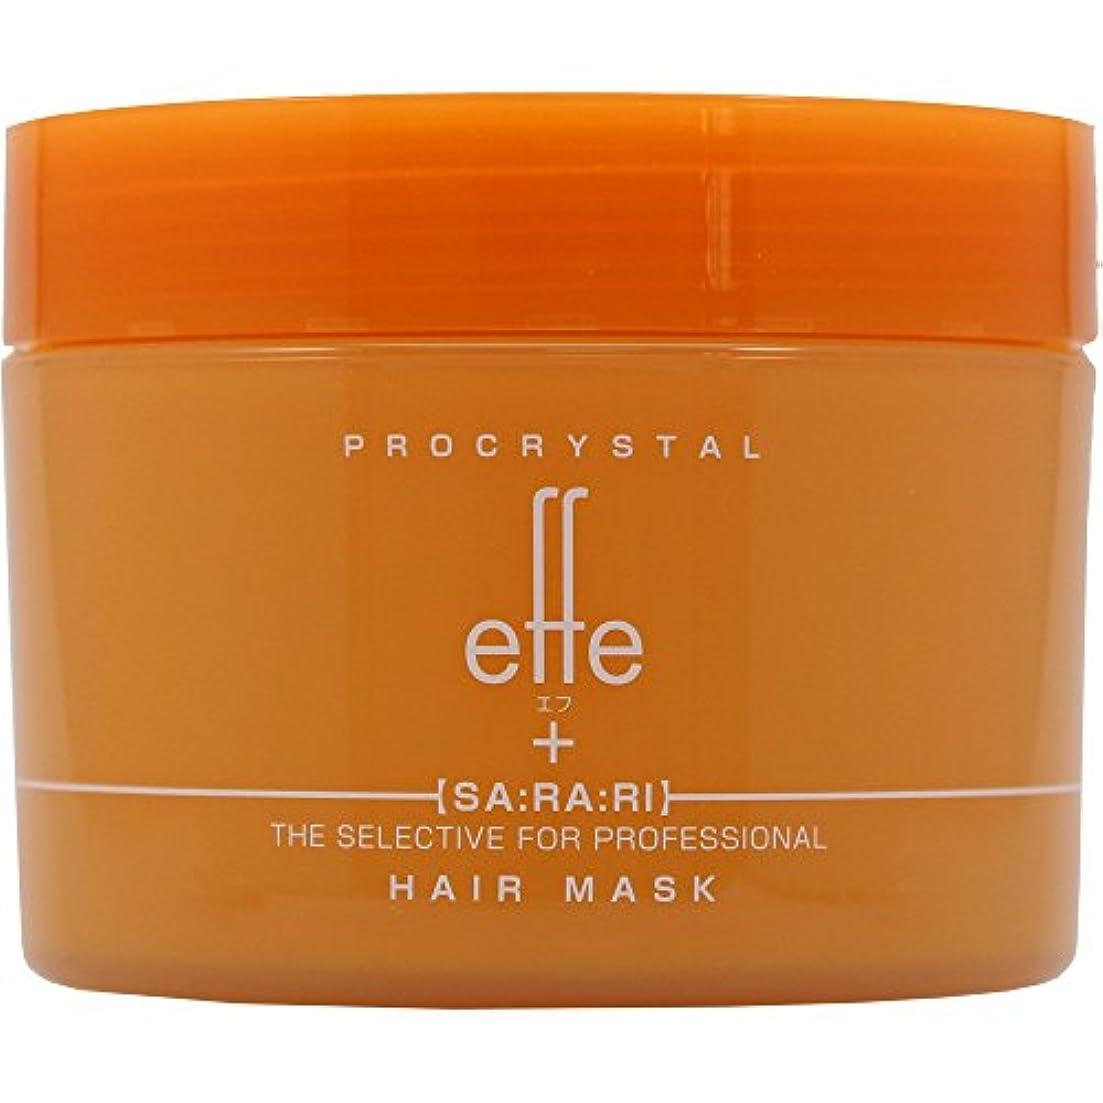 証言保守可能勉強するアペティート化粧品 プロクリスタル effe (エフ) ヘアマスク さらり200g